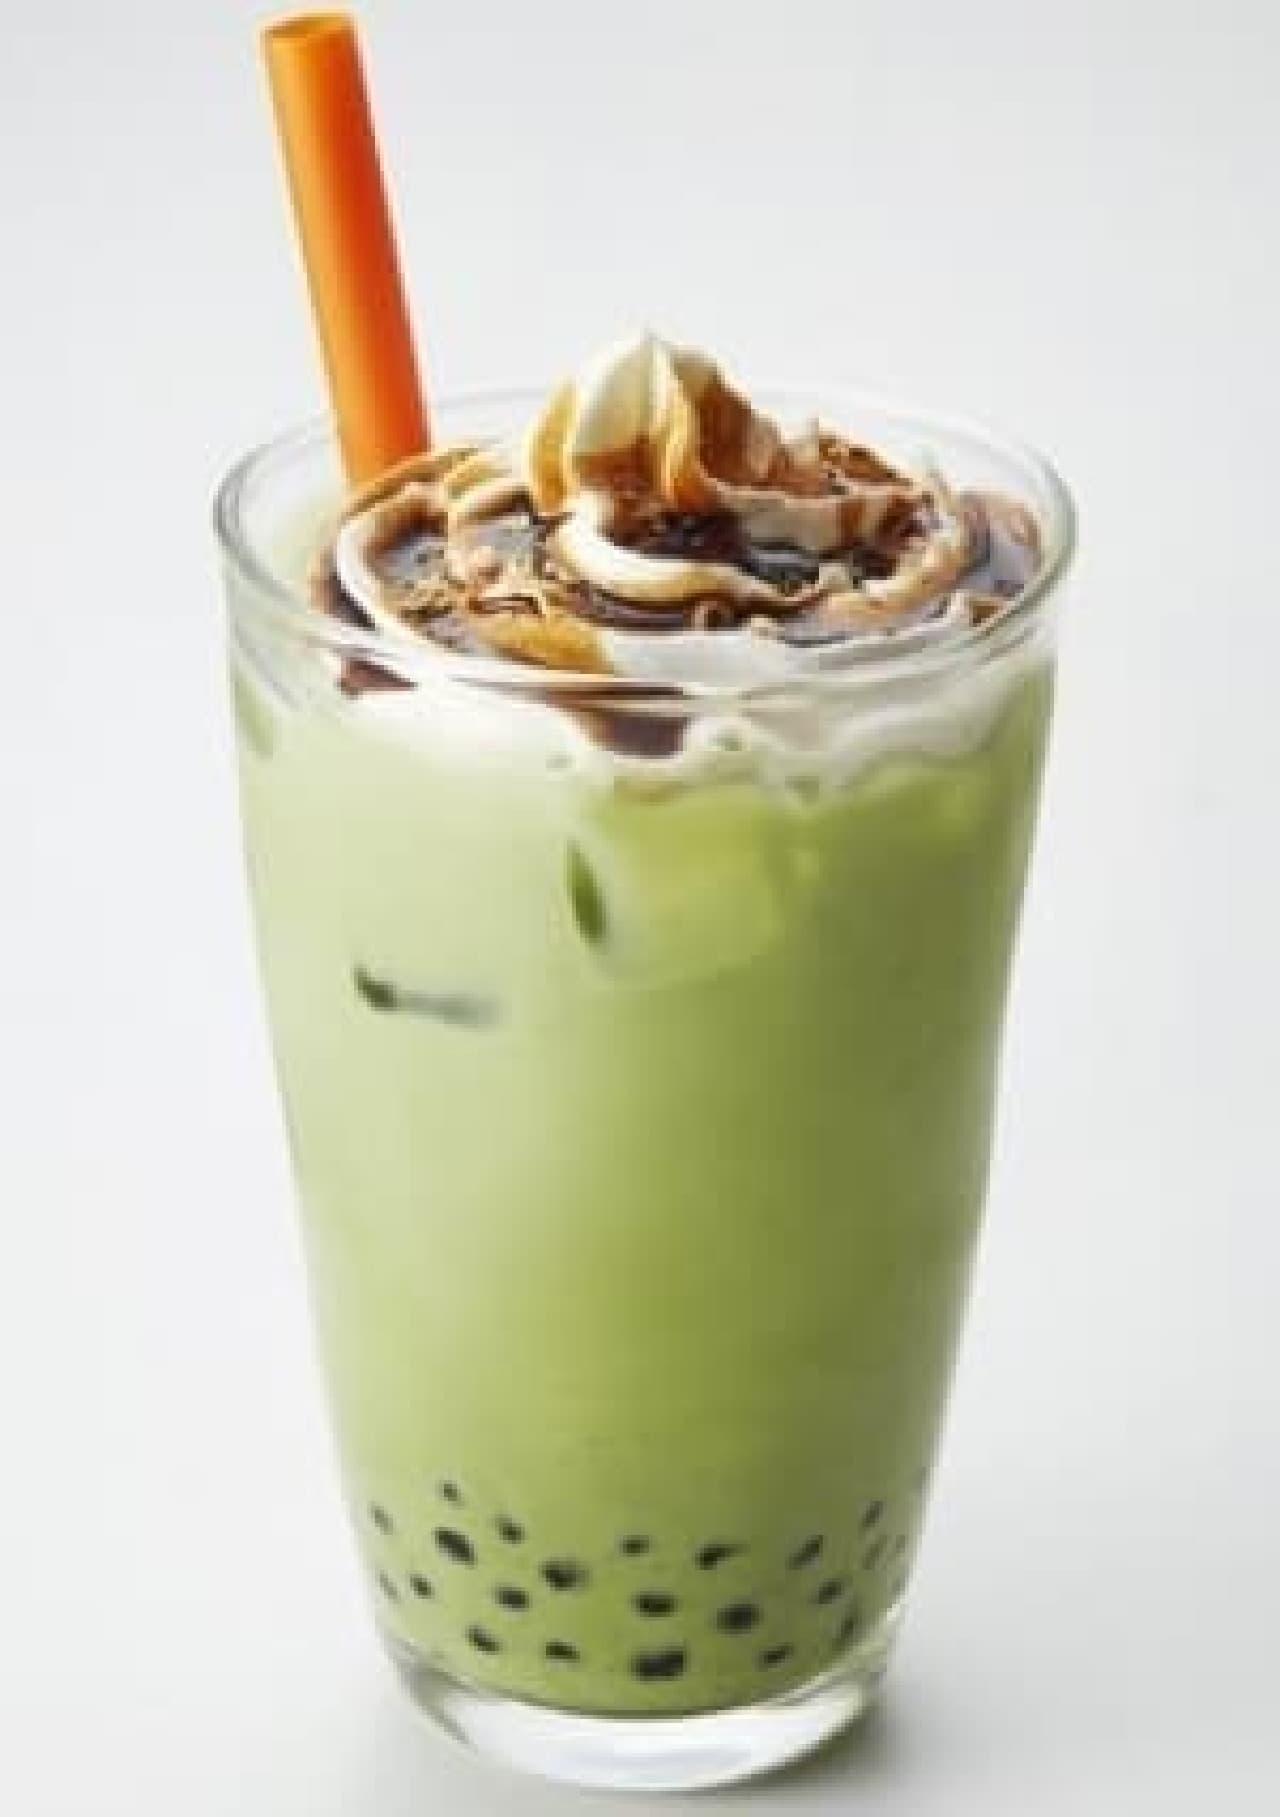 タリーズコーヒー「黒蜜きなこ抹茶ラテ」